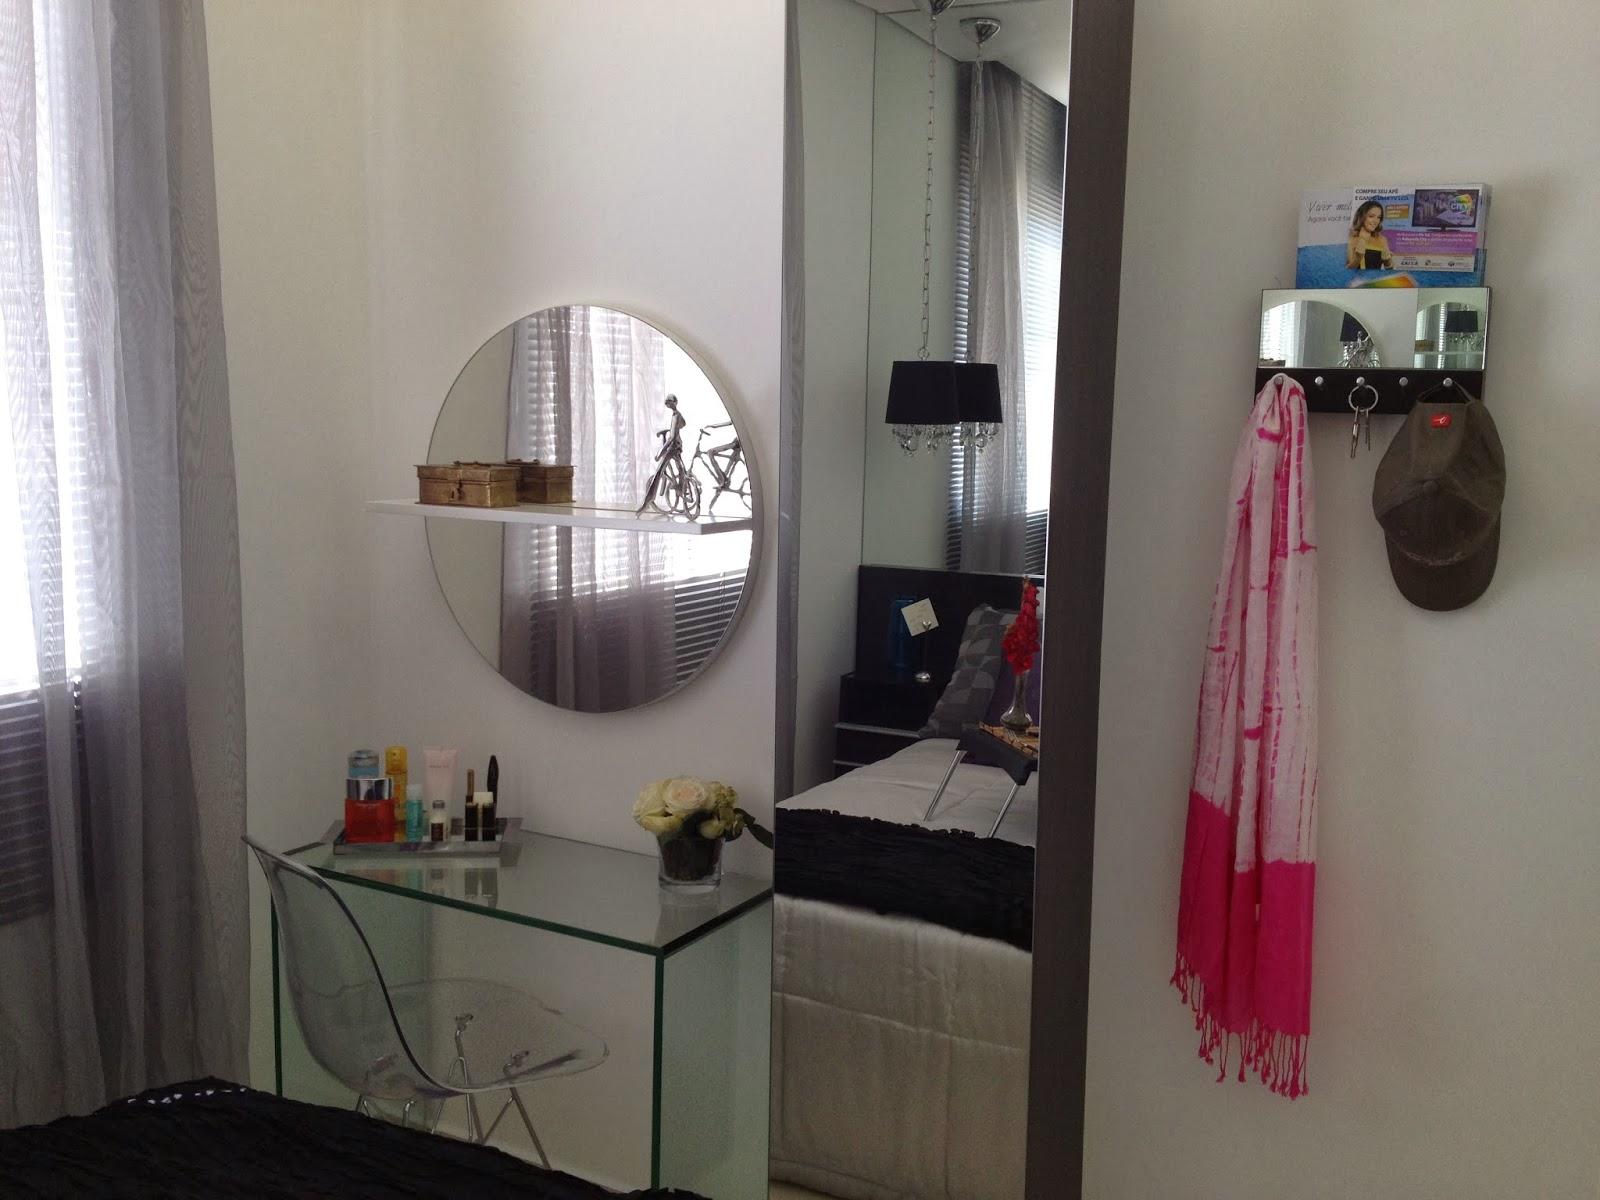 Projeto Apartamento Modelo em Betim (MG) Thamar Freire Interiors #67363A 1600 1200